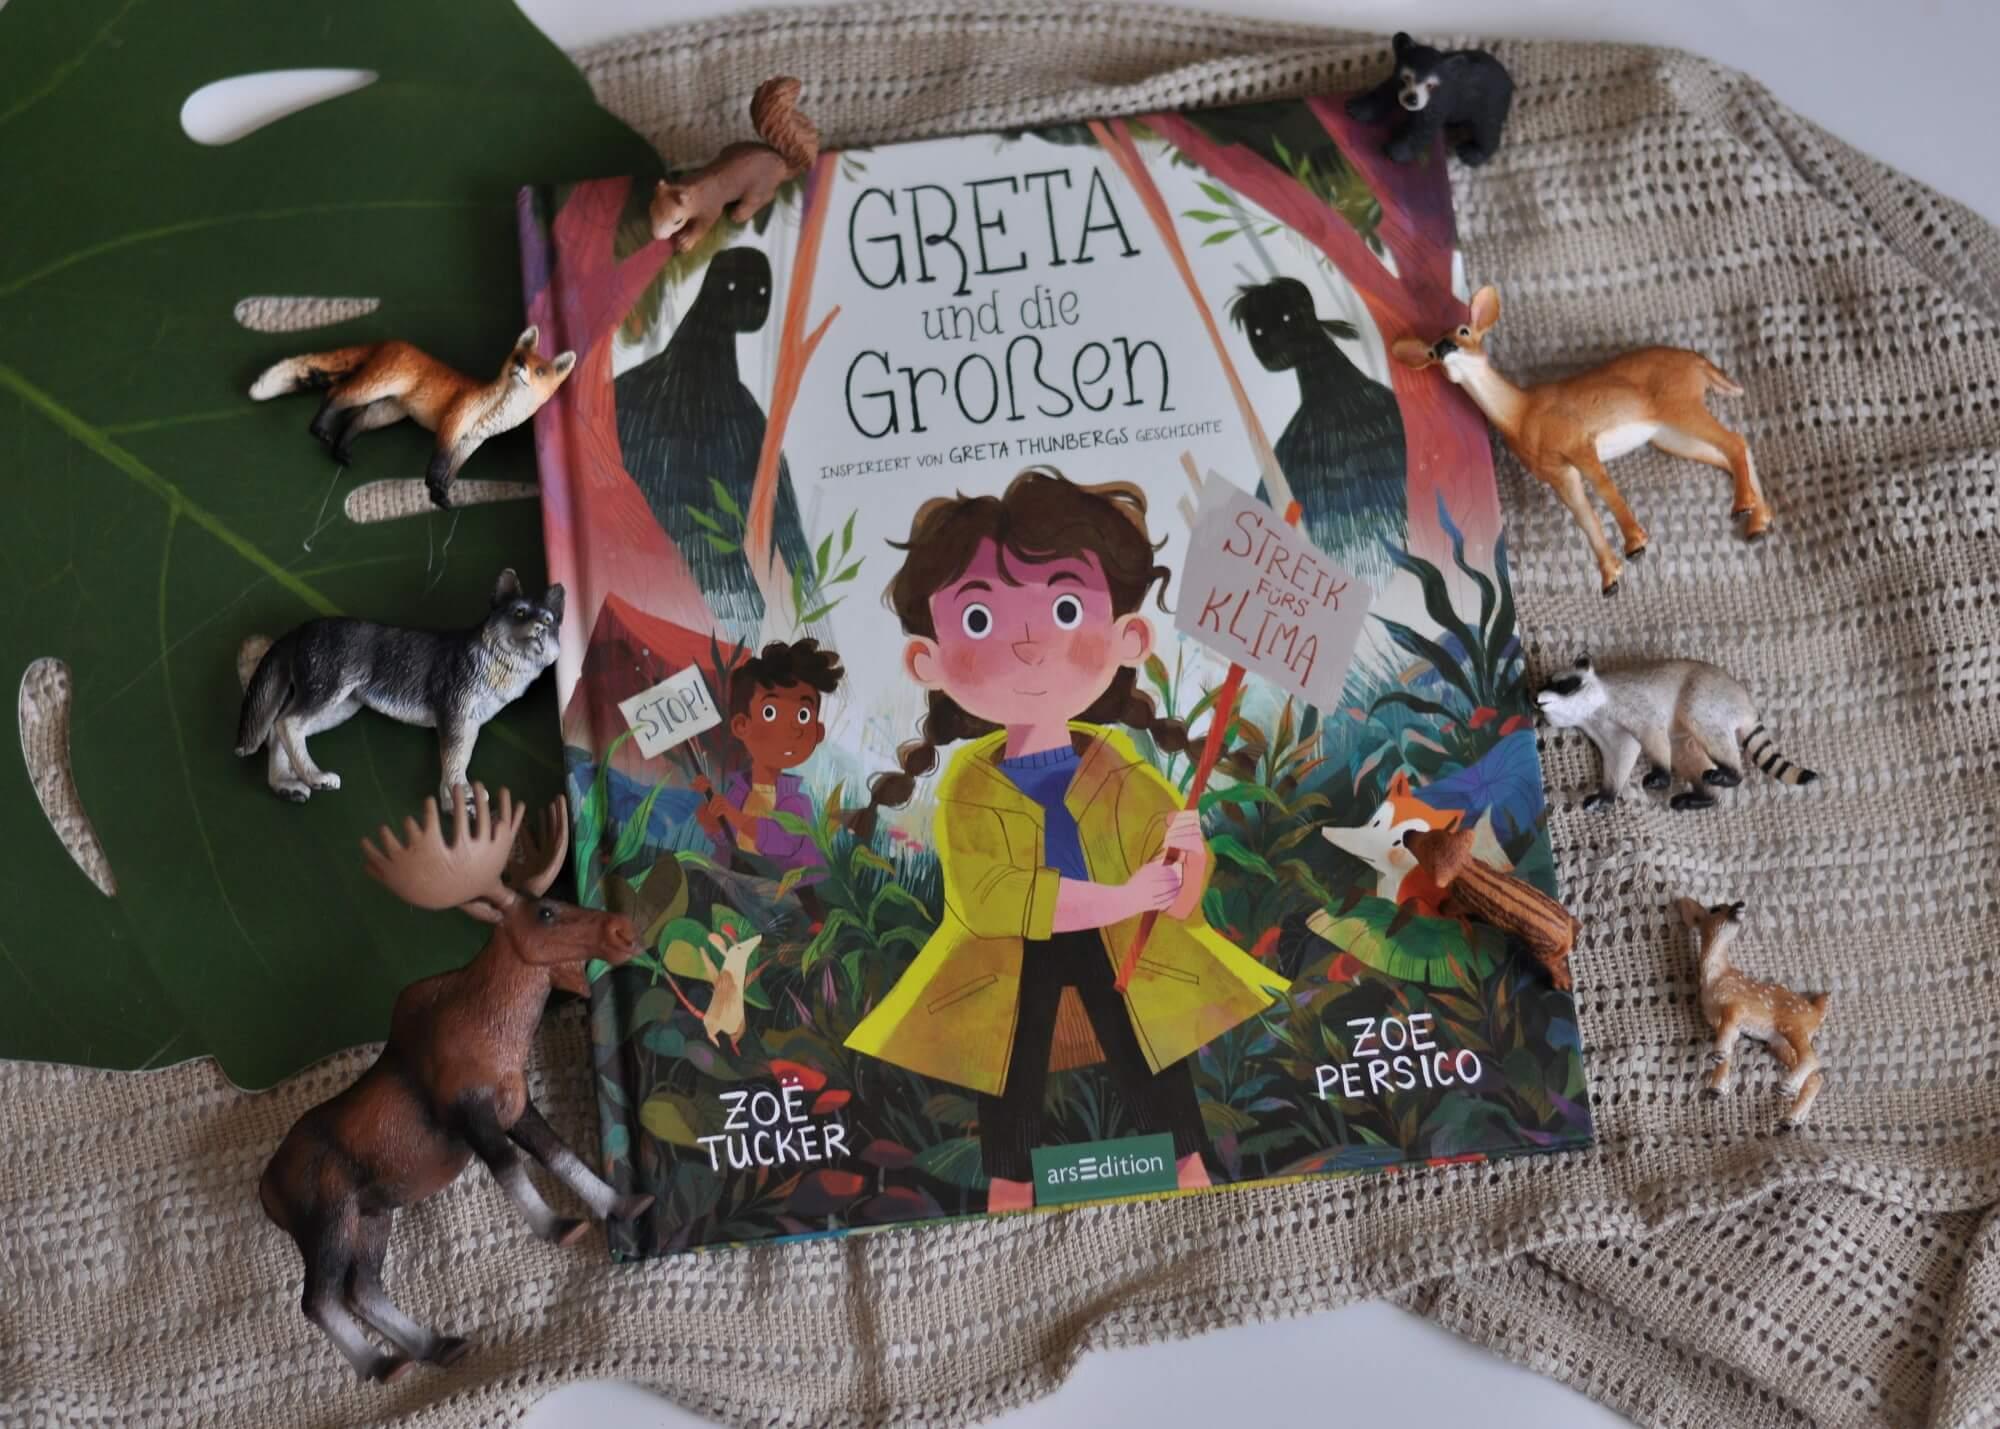 Ein Mädchen namens Greta lebt inmitten eines wunderschönen Waldes. Doch da gibt es noch die Großen, die ihr Zuhause in Gefahr bringen. Sie fällen Bäume, um Häuser zu bauen. Aus den Häusern werden Dörfer und aus den Dörfern werden Städte. Sie arbeiten Tag und Nacht – bis kaum noch etwas vom Wald übrig ist. #greta #klima #streik #wald #leben #umwelt #bilderbuch #buch #kinder #vorlesen